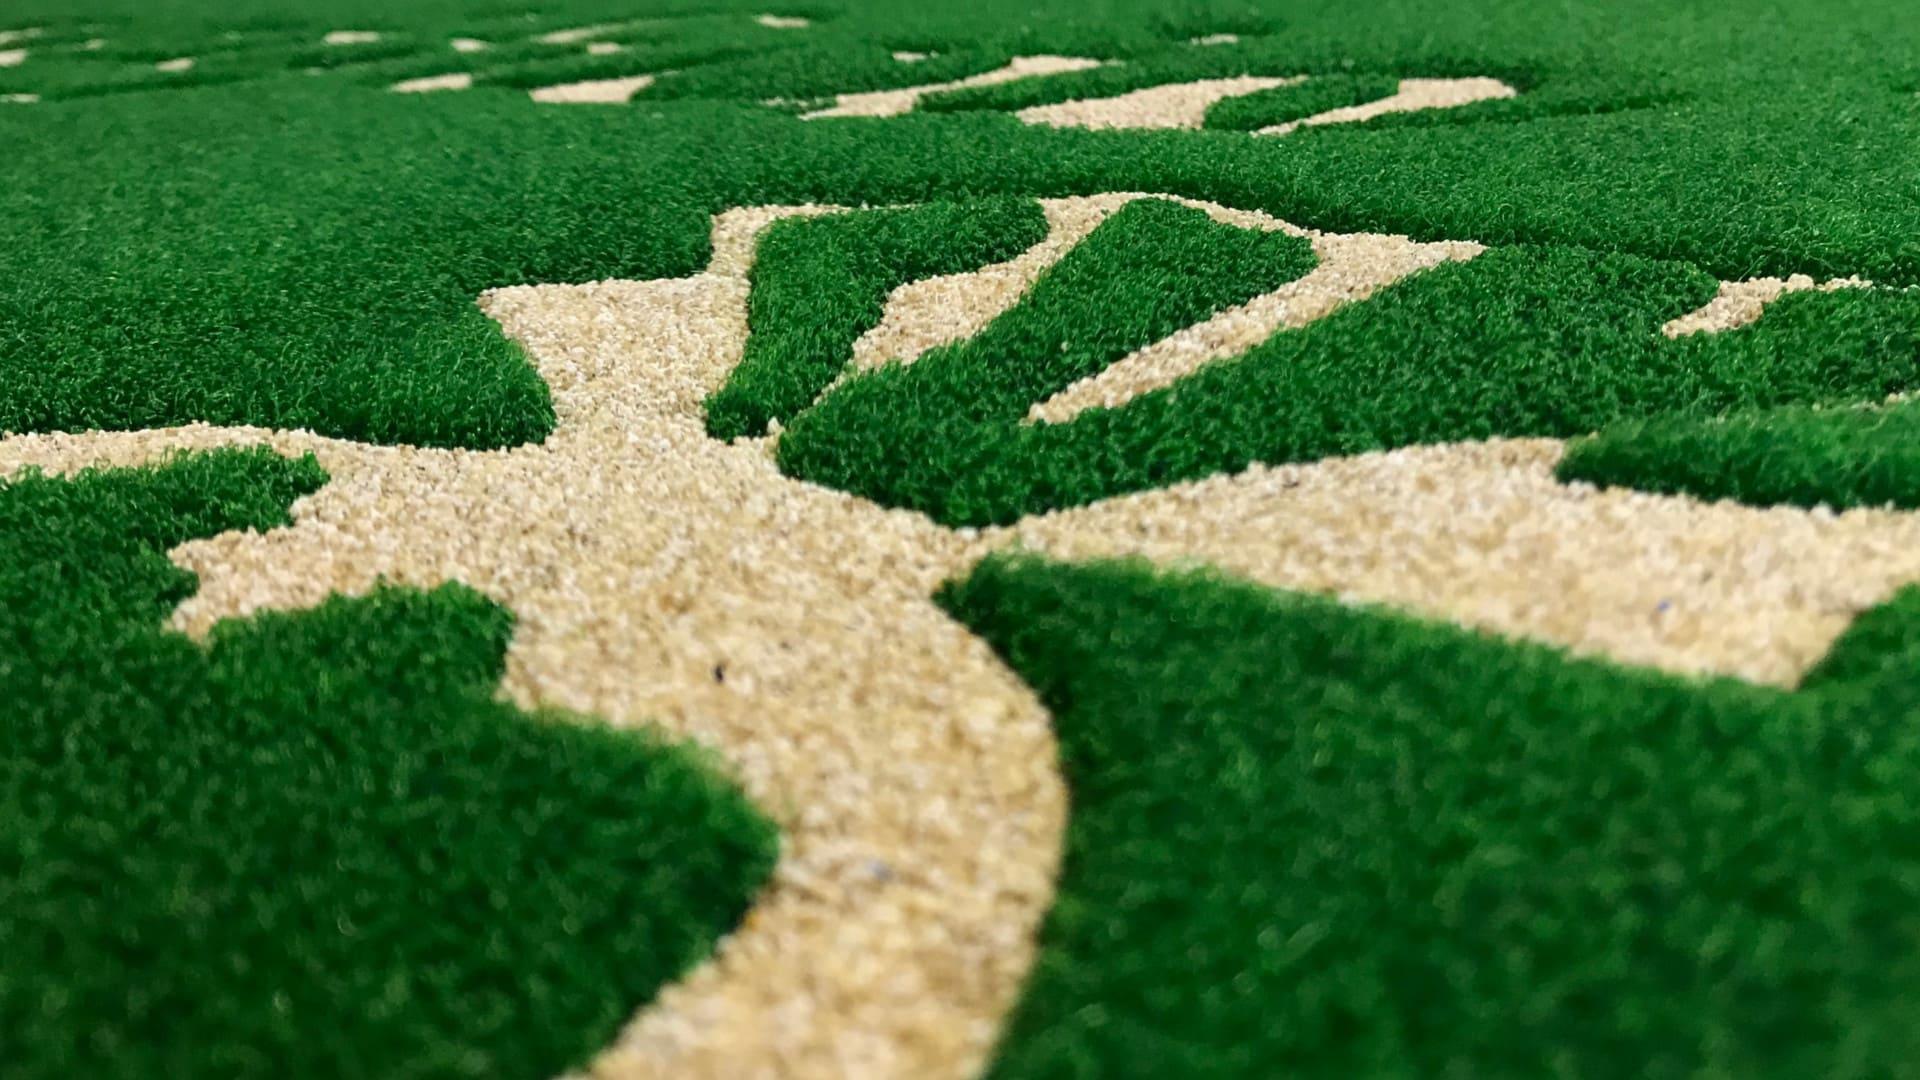 Dettaglio intarsio tappeti personalizzati MADO Group Caseificio Pugliese - Tappeti personalizzati con effetto rilievo